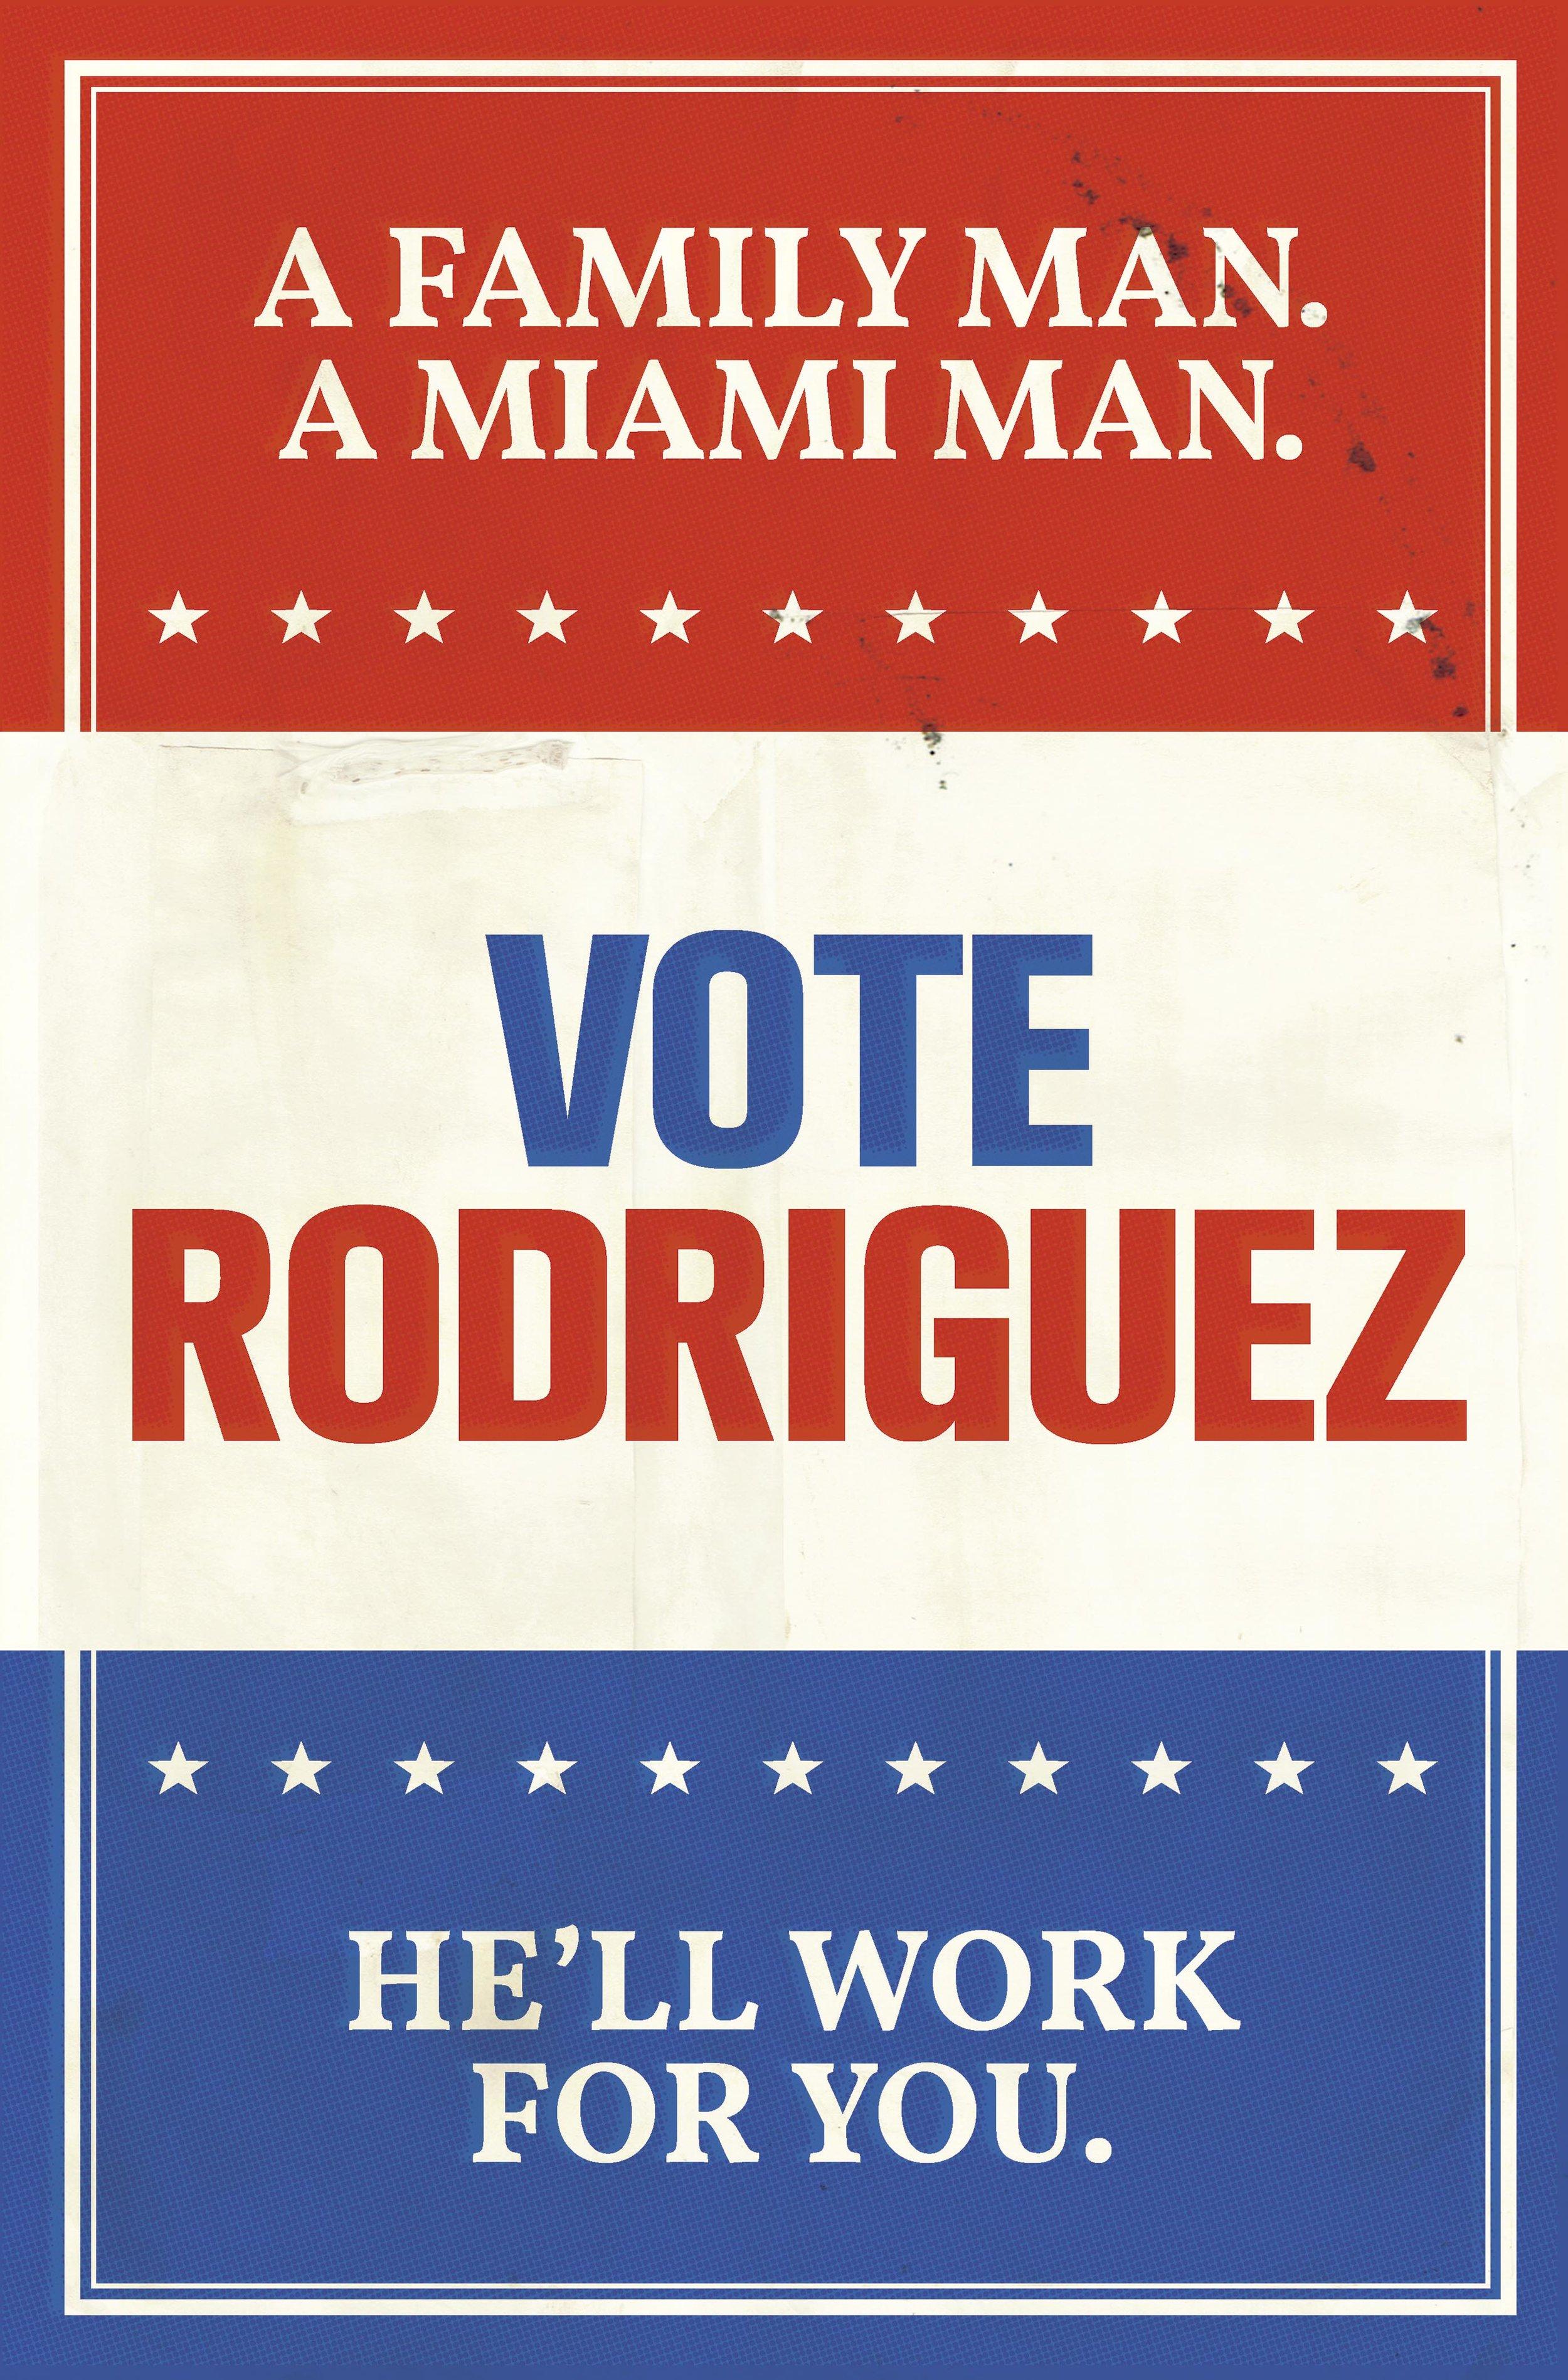 VoteRodiguez.jpg